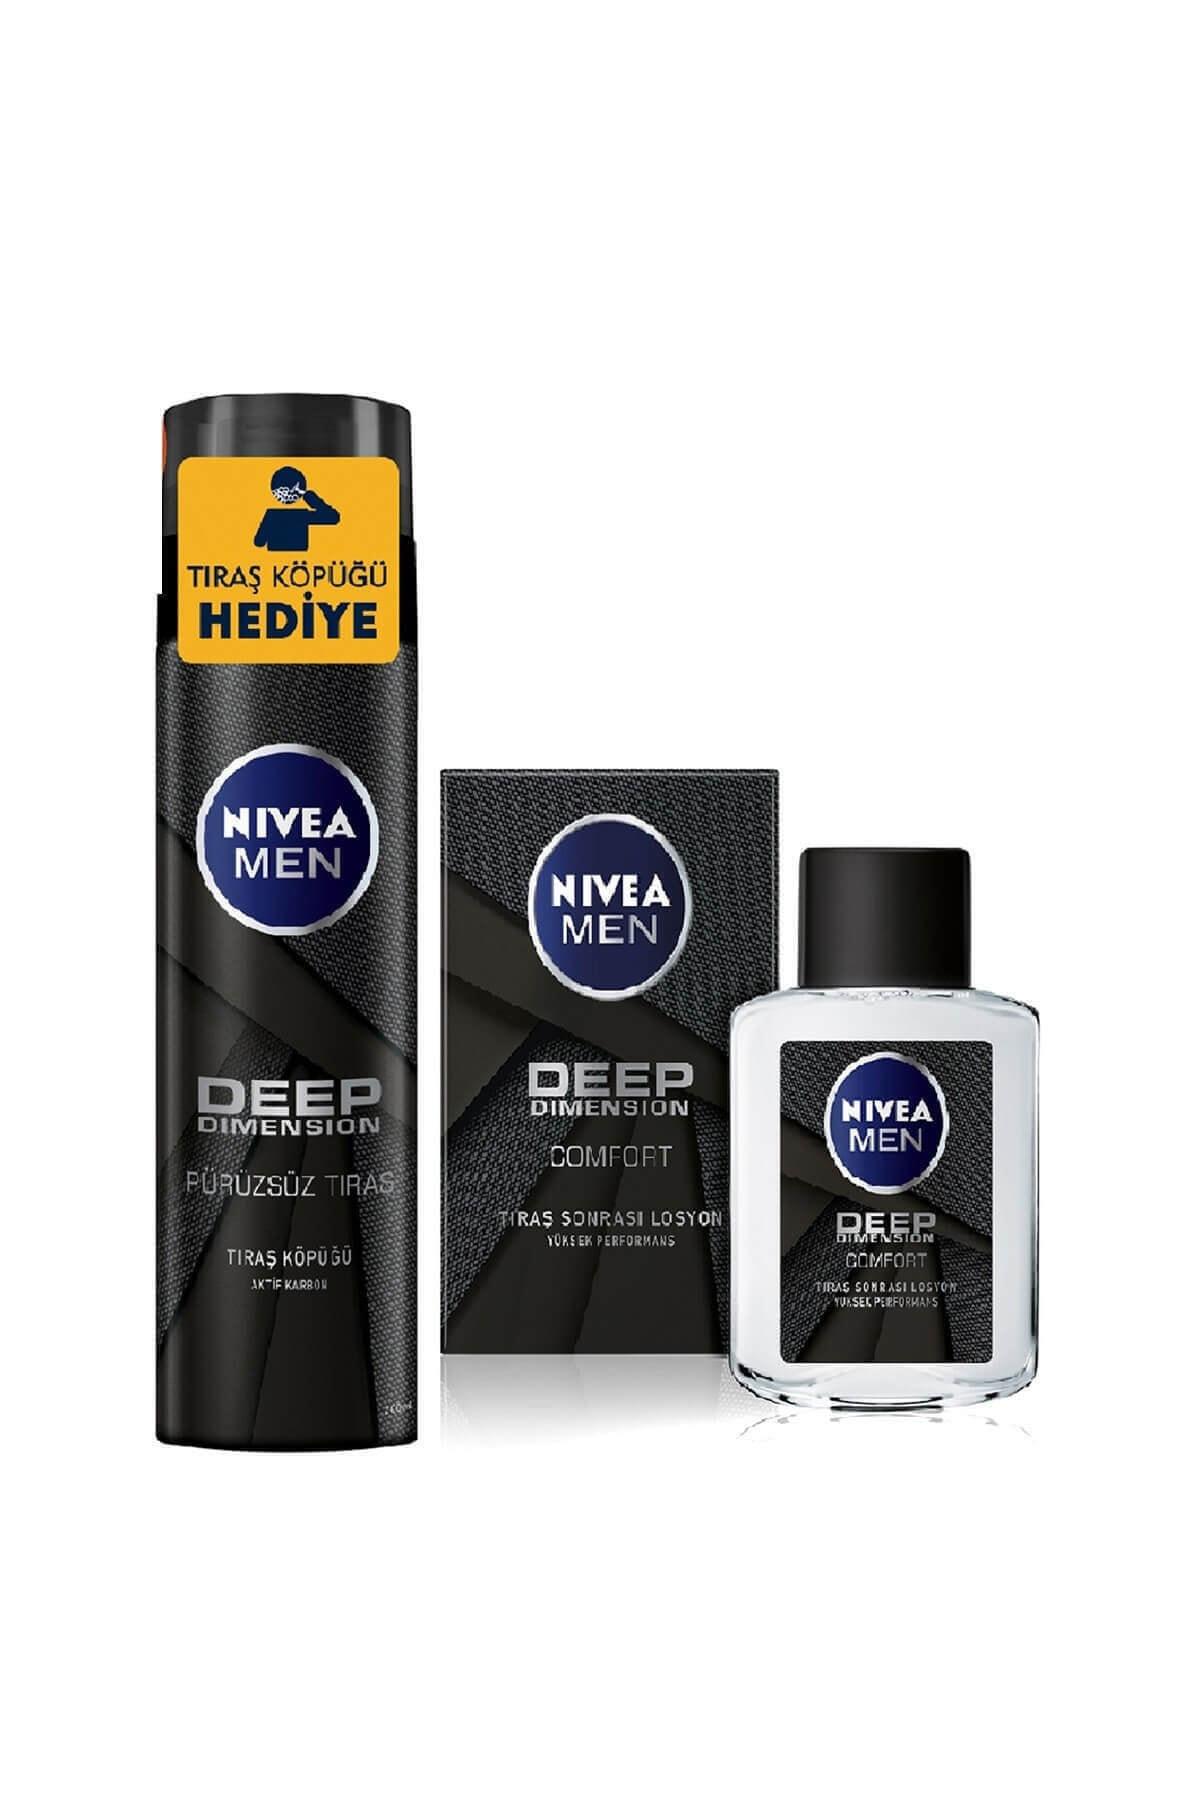 Nivea Men Deep Tıraş Köpüğü 200 ml + Men Tıraş Sonrası Losyon Deep 100 ml 1